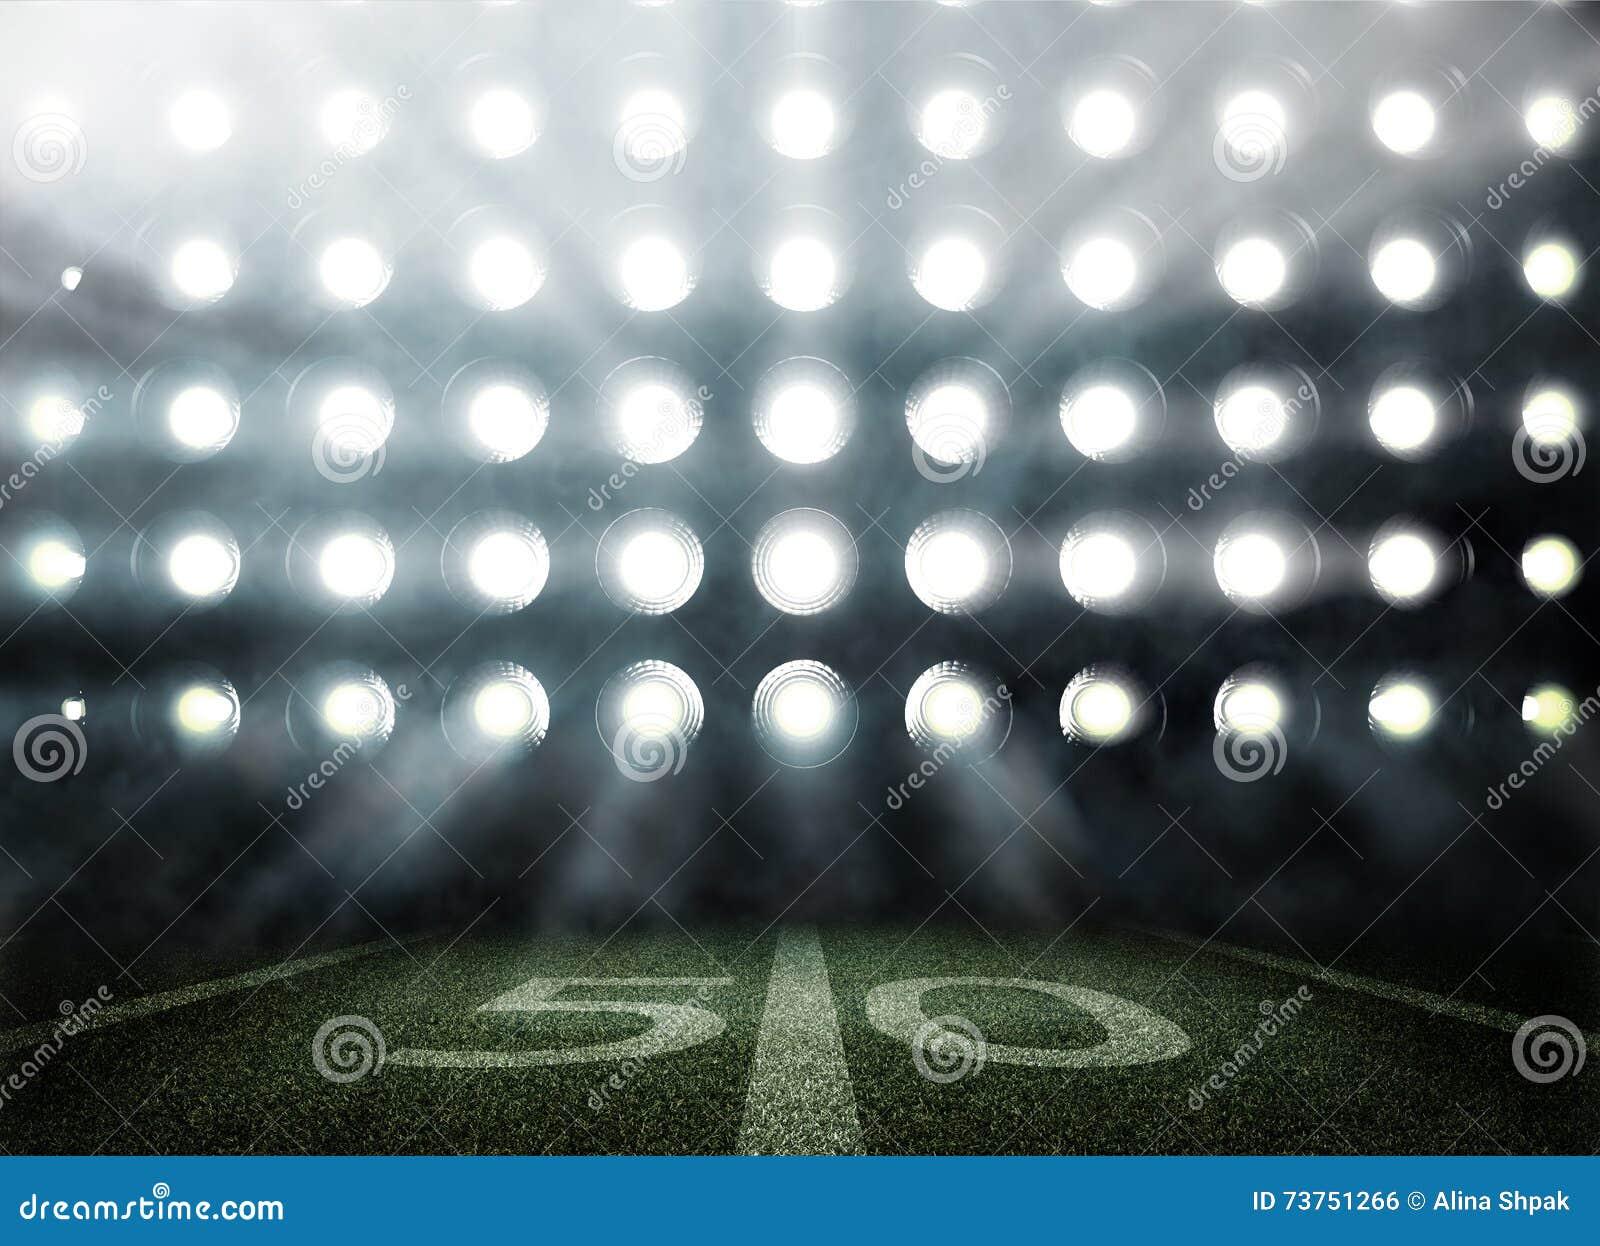 Американский футбольный стадион в светах и вспышках в 3d